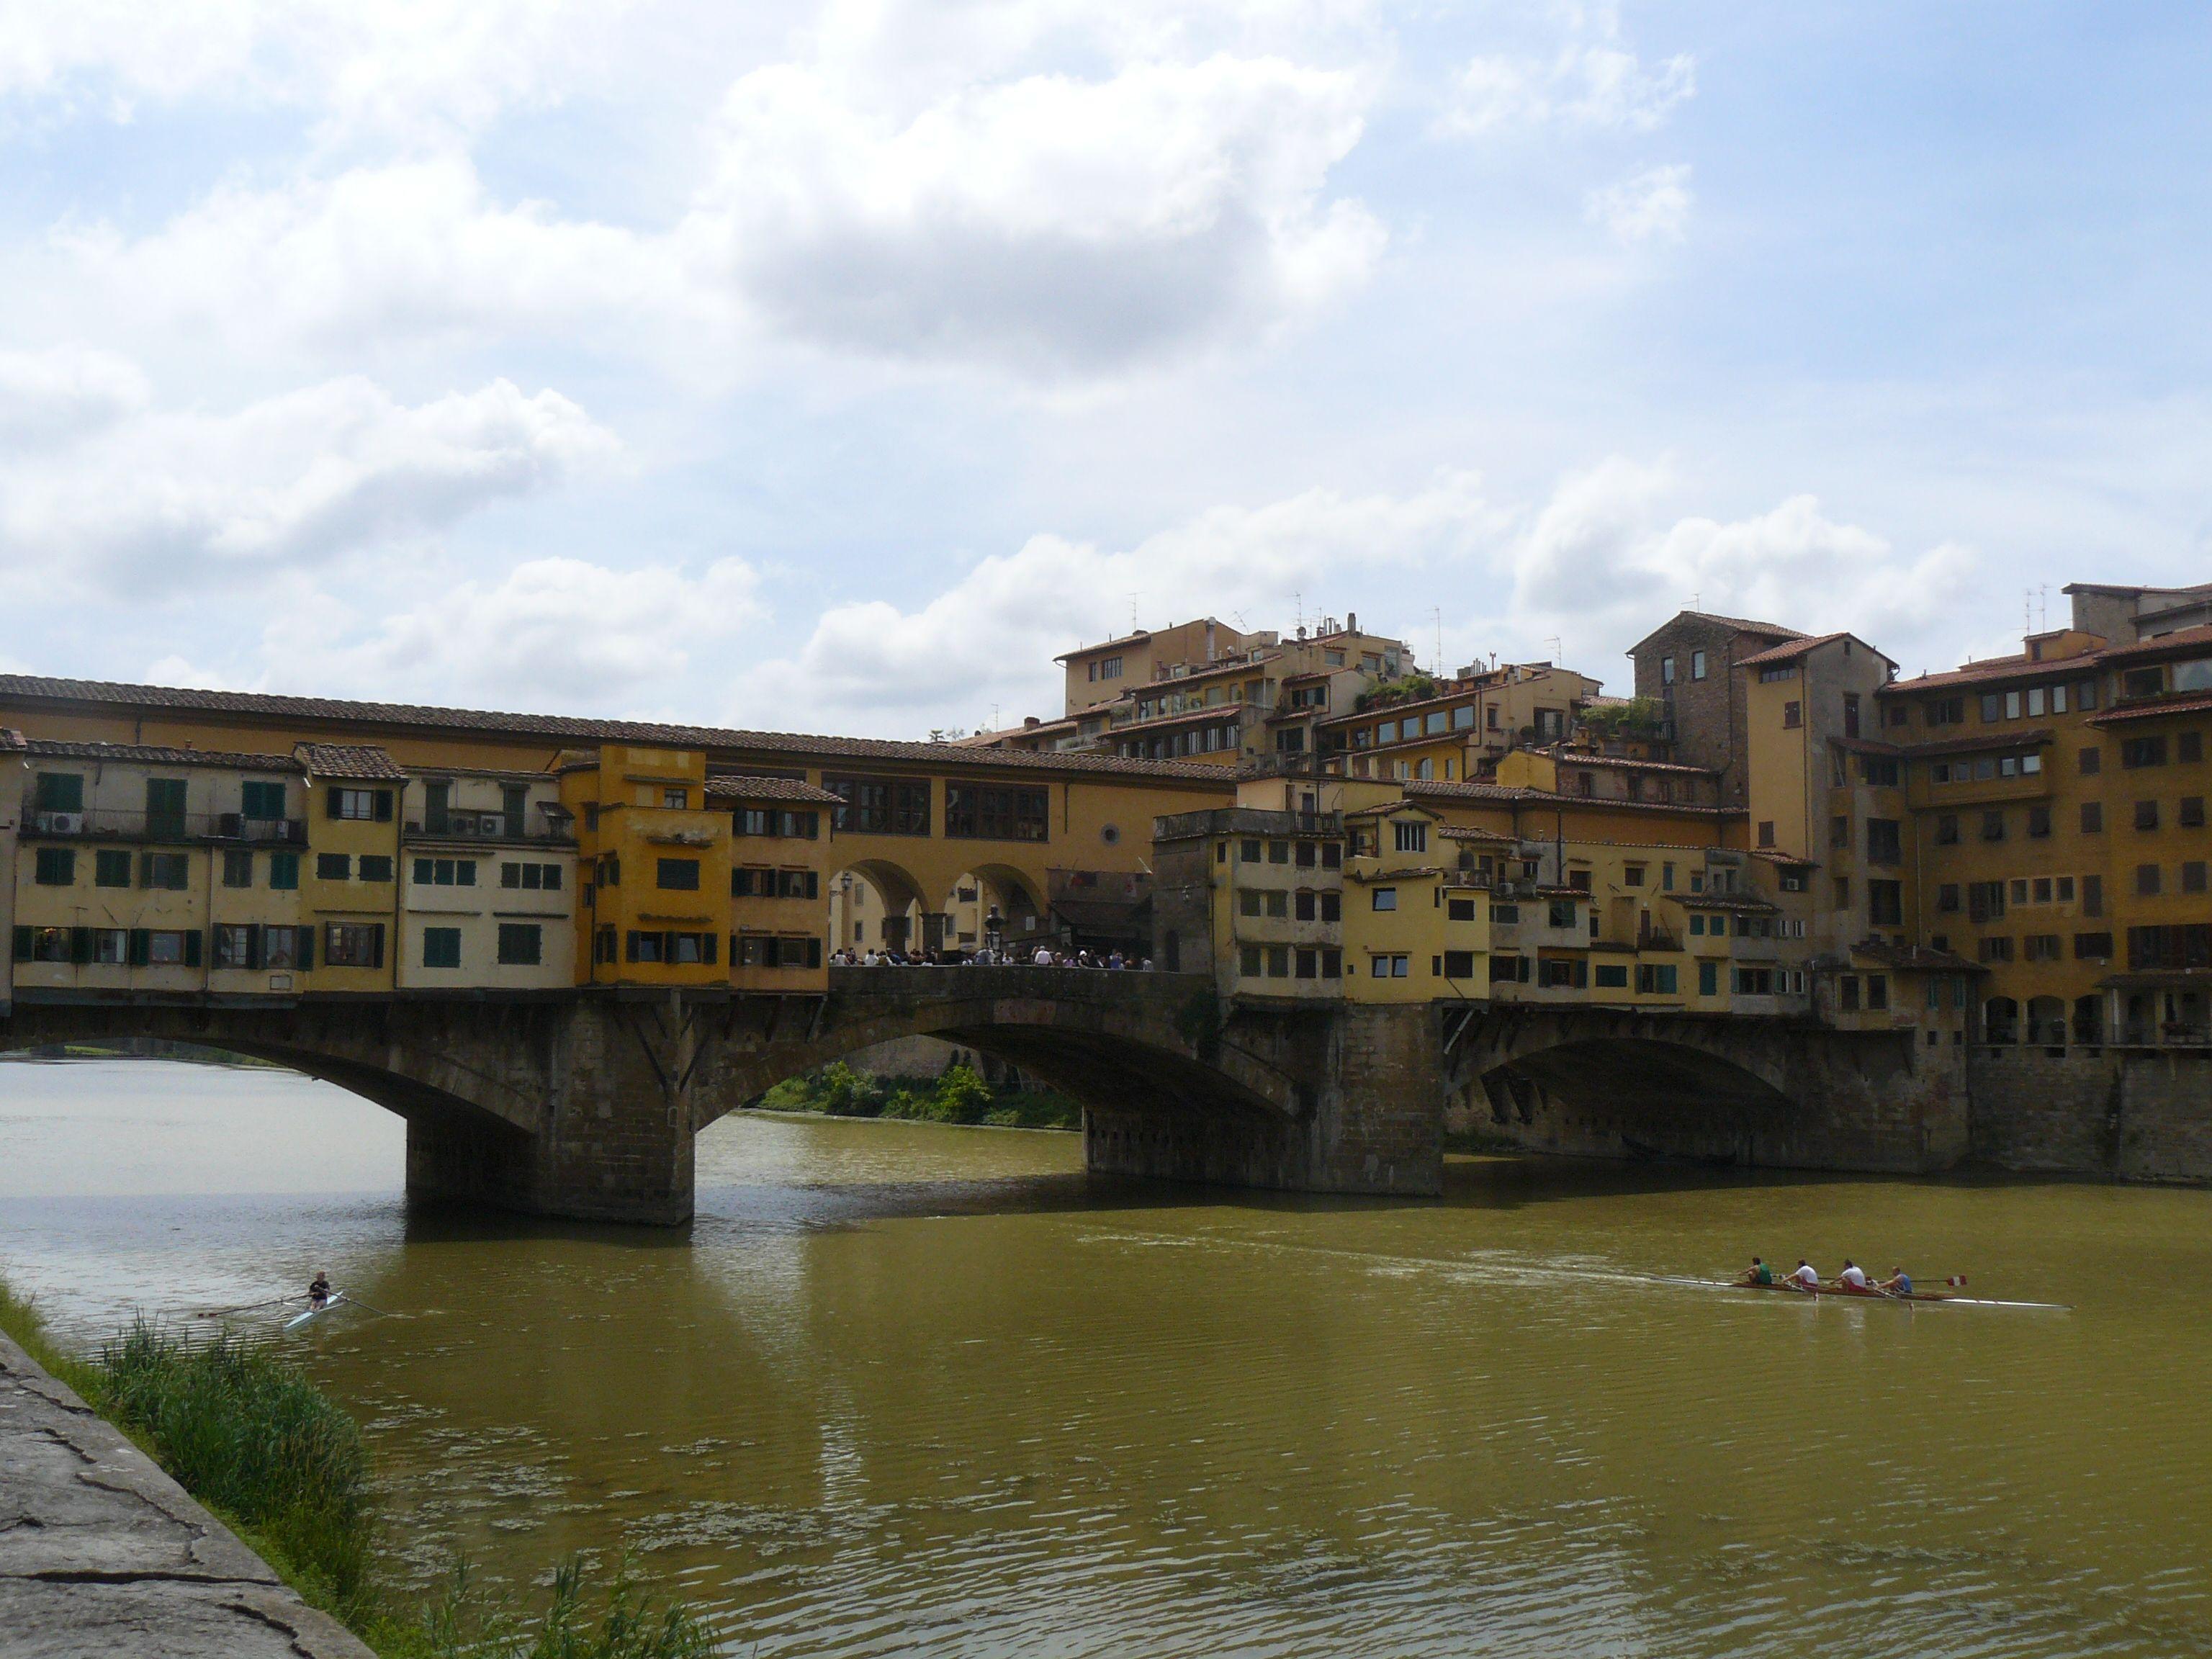 Il Ponte Vecchio della città di Firenze